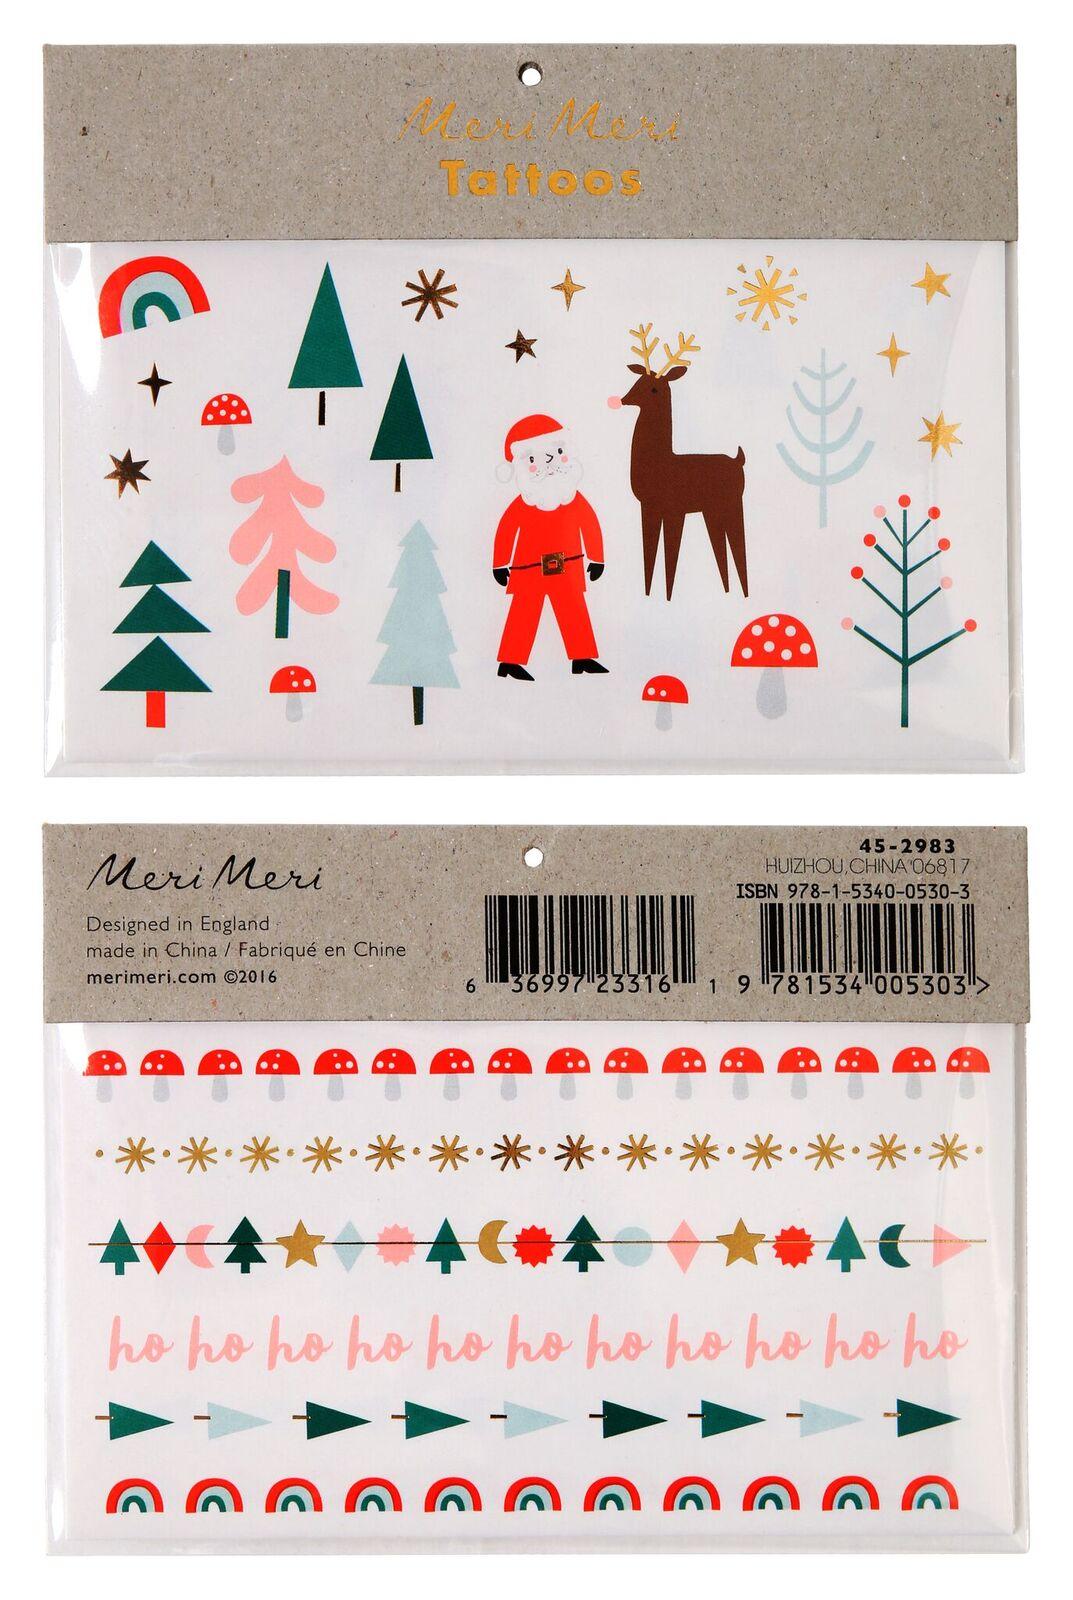 Weihnachtstattoos Meri Meri